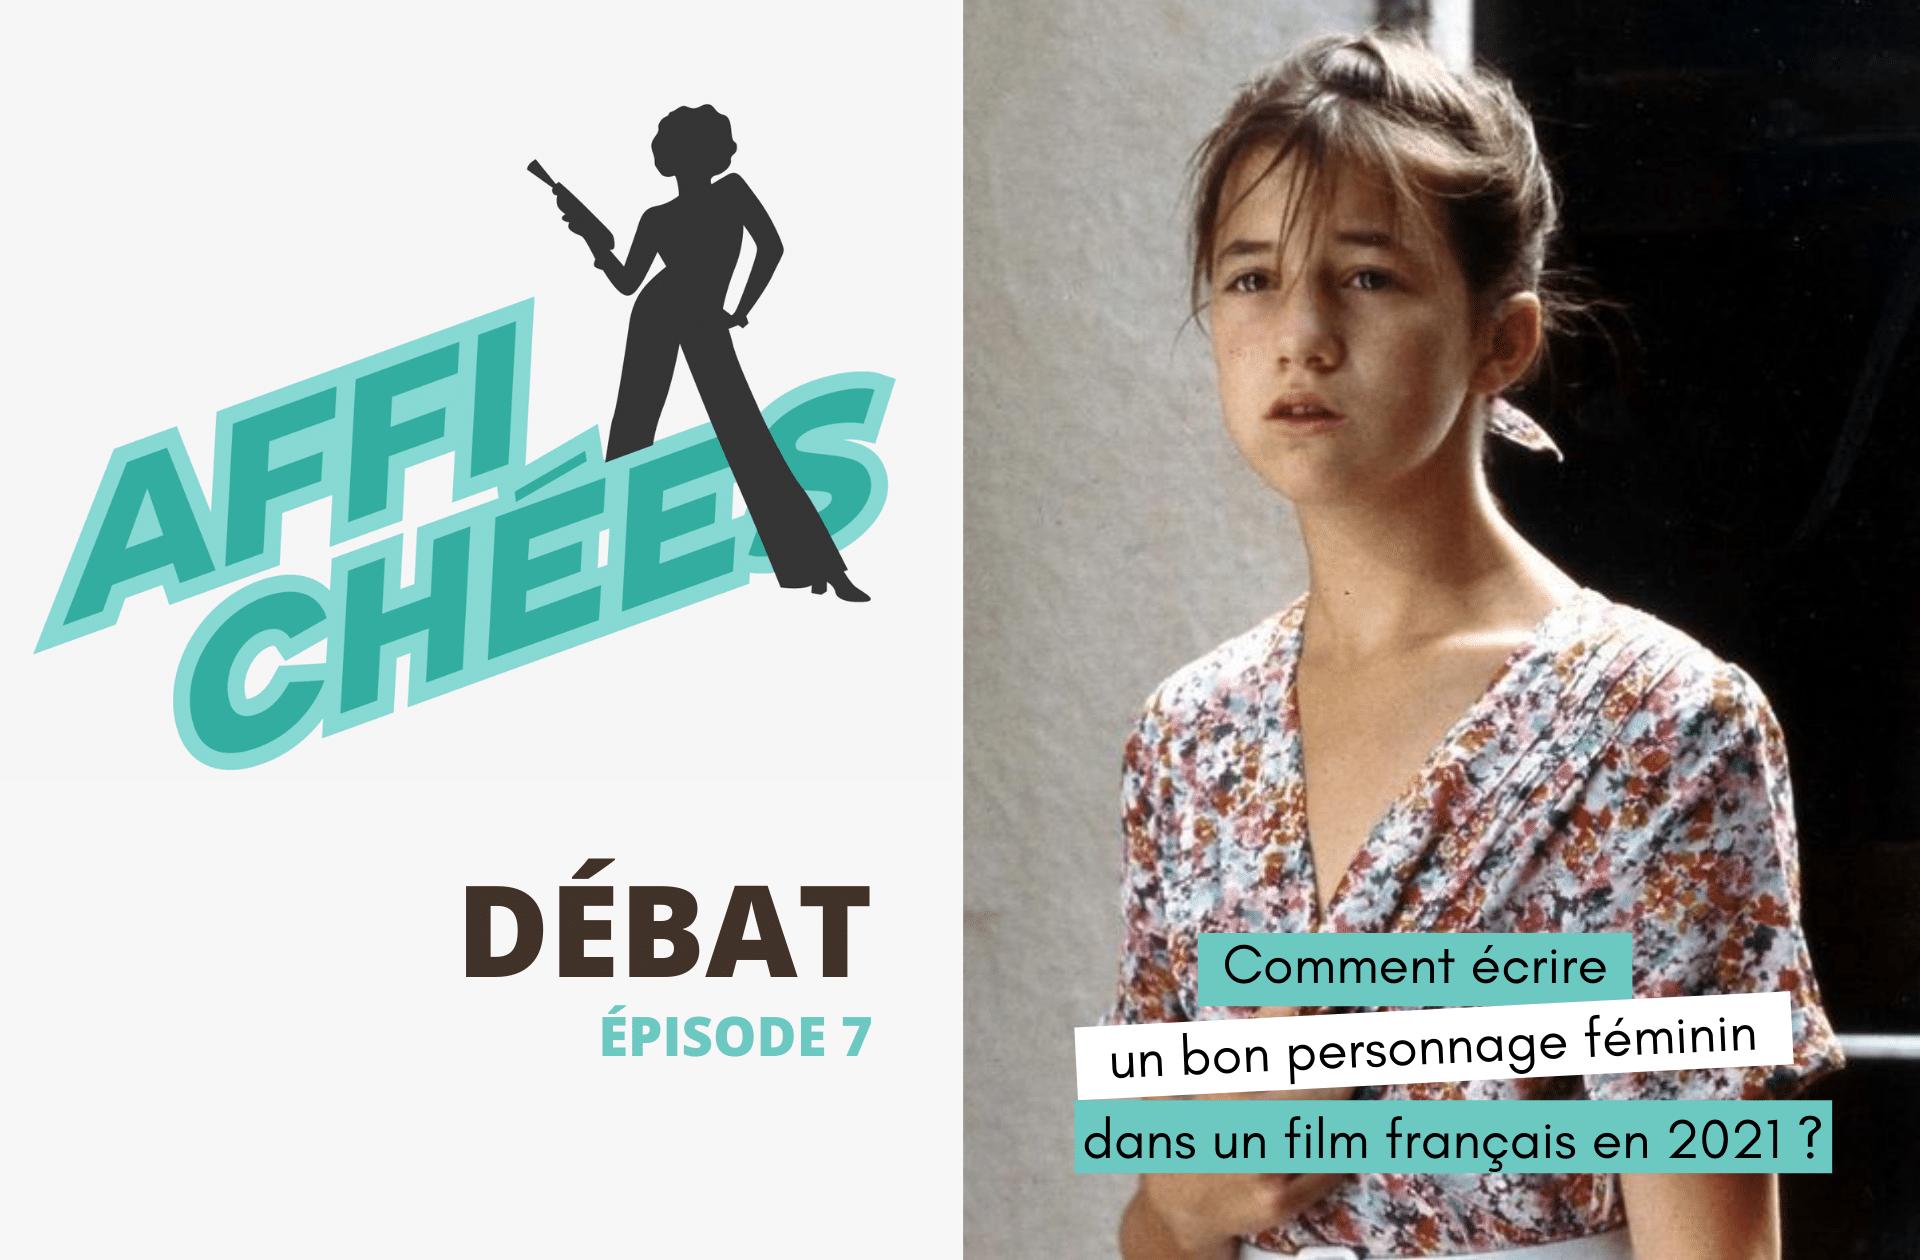 Comment écrire un bon personnage féminin dans un film français en 2021 ?